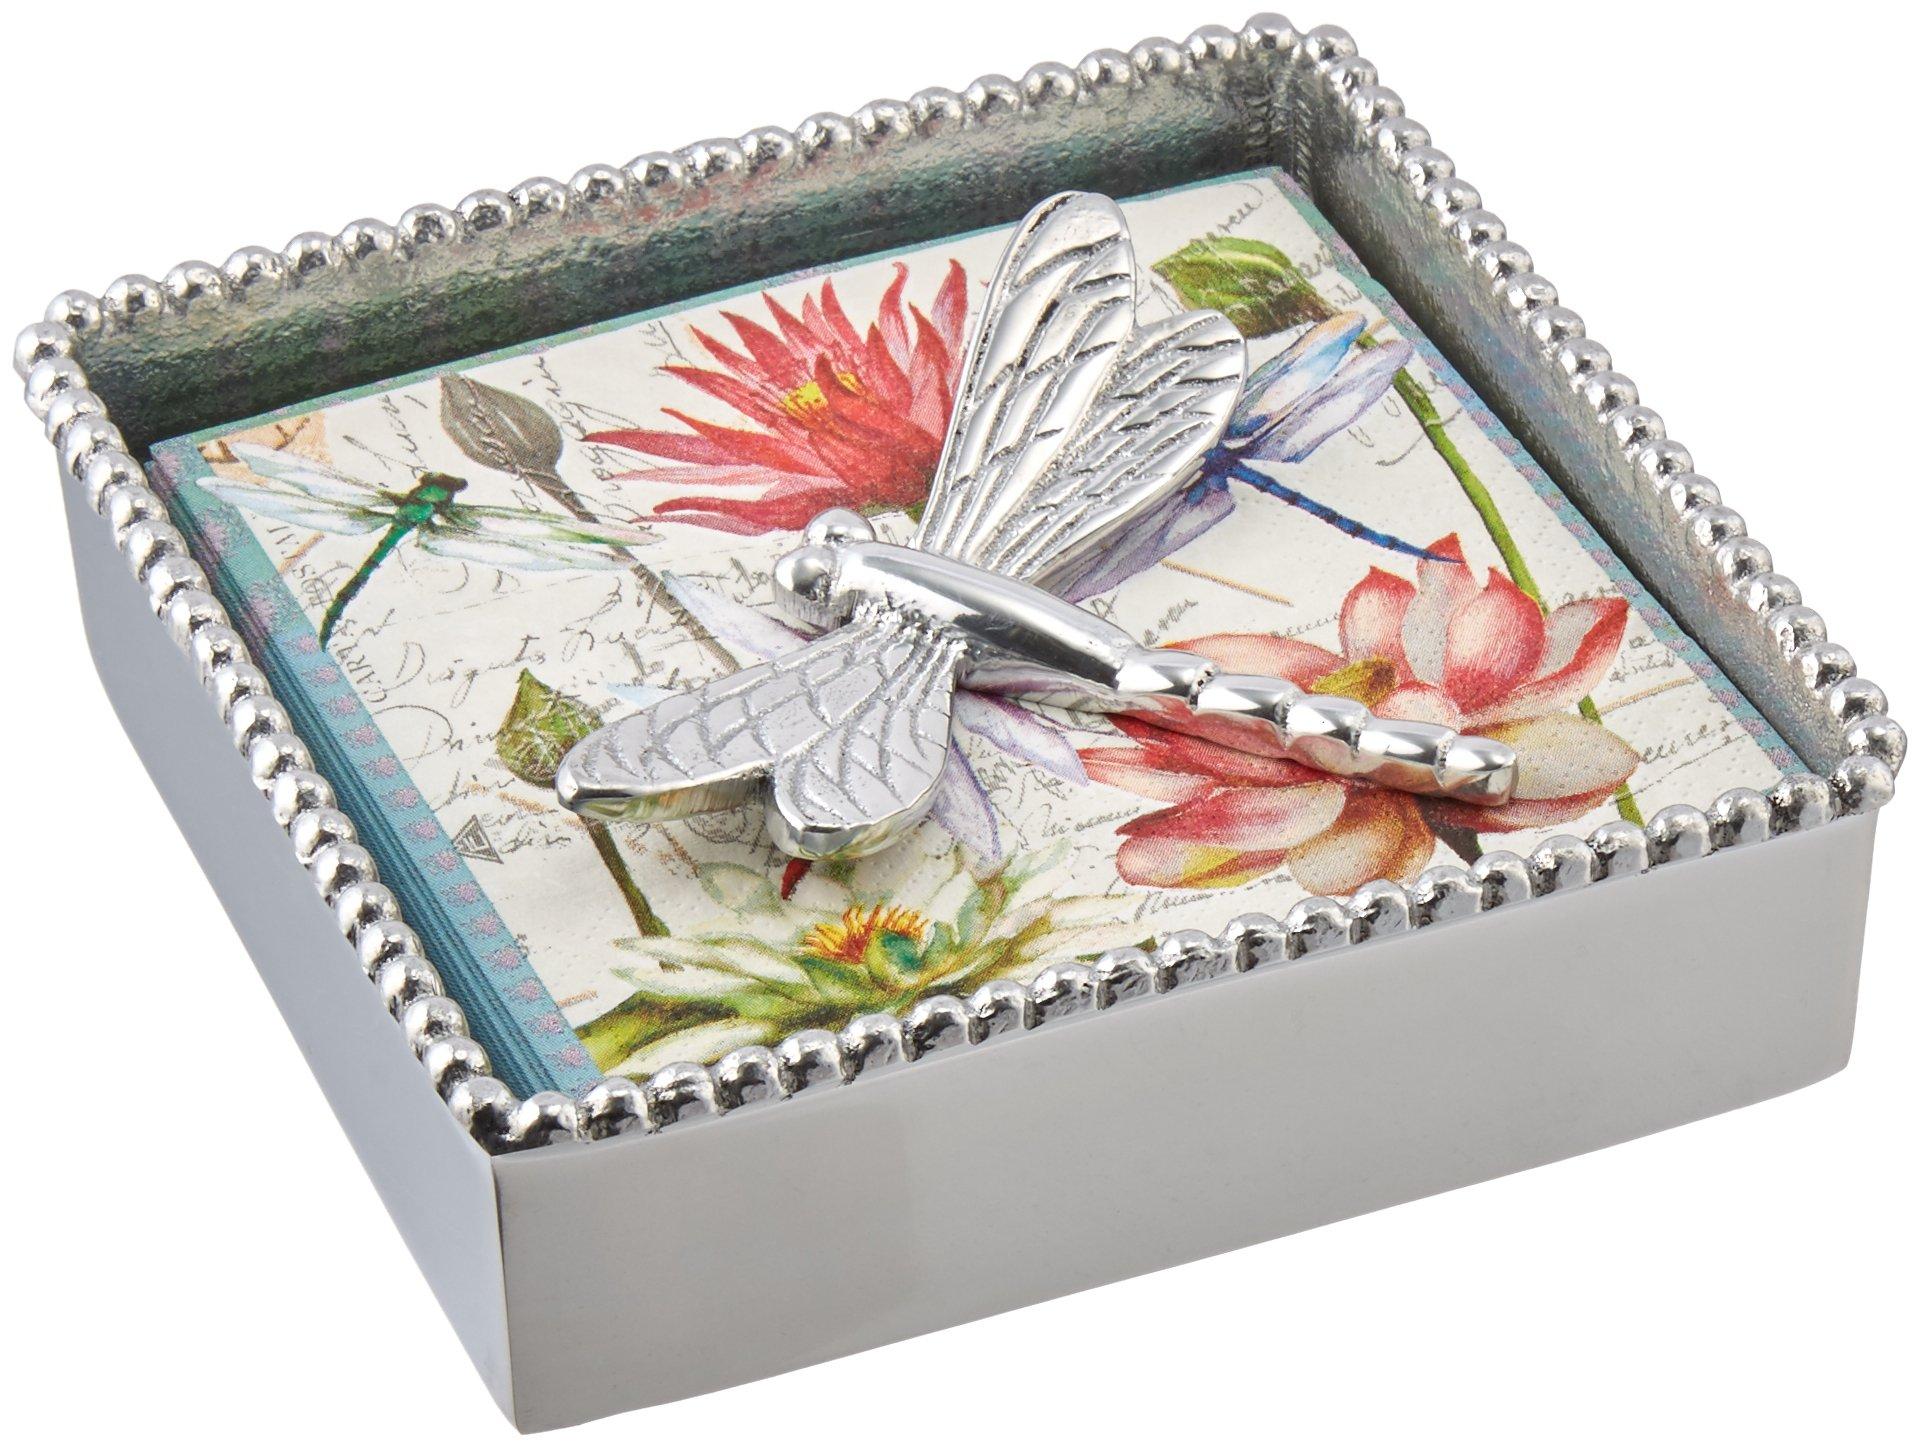 Mariposa Dragonfly Beaded Napkin Box by MARIPOSA